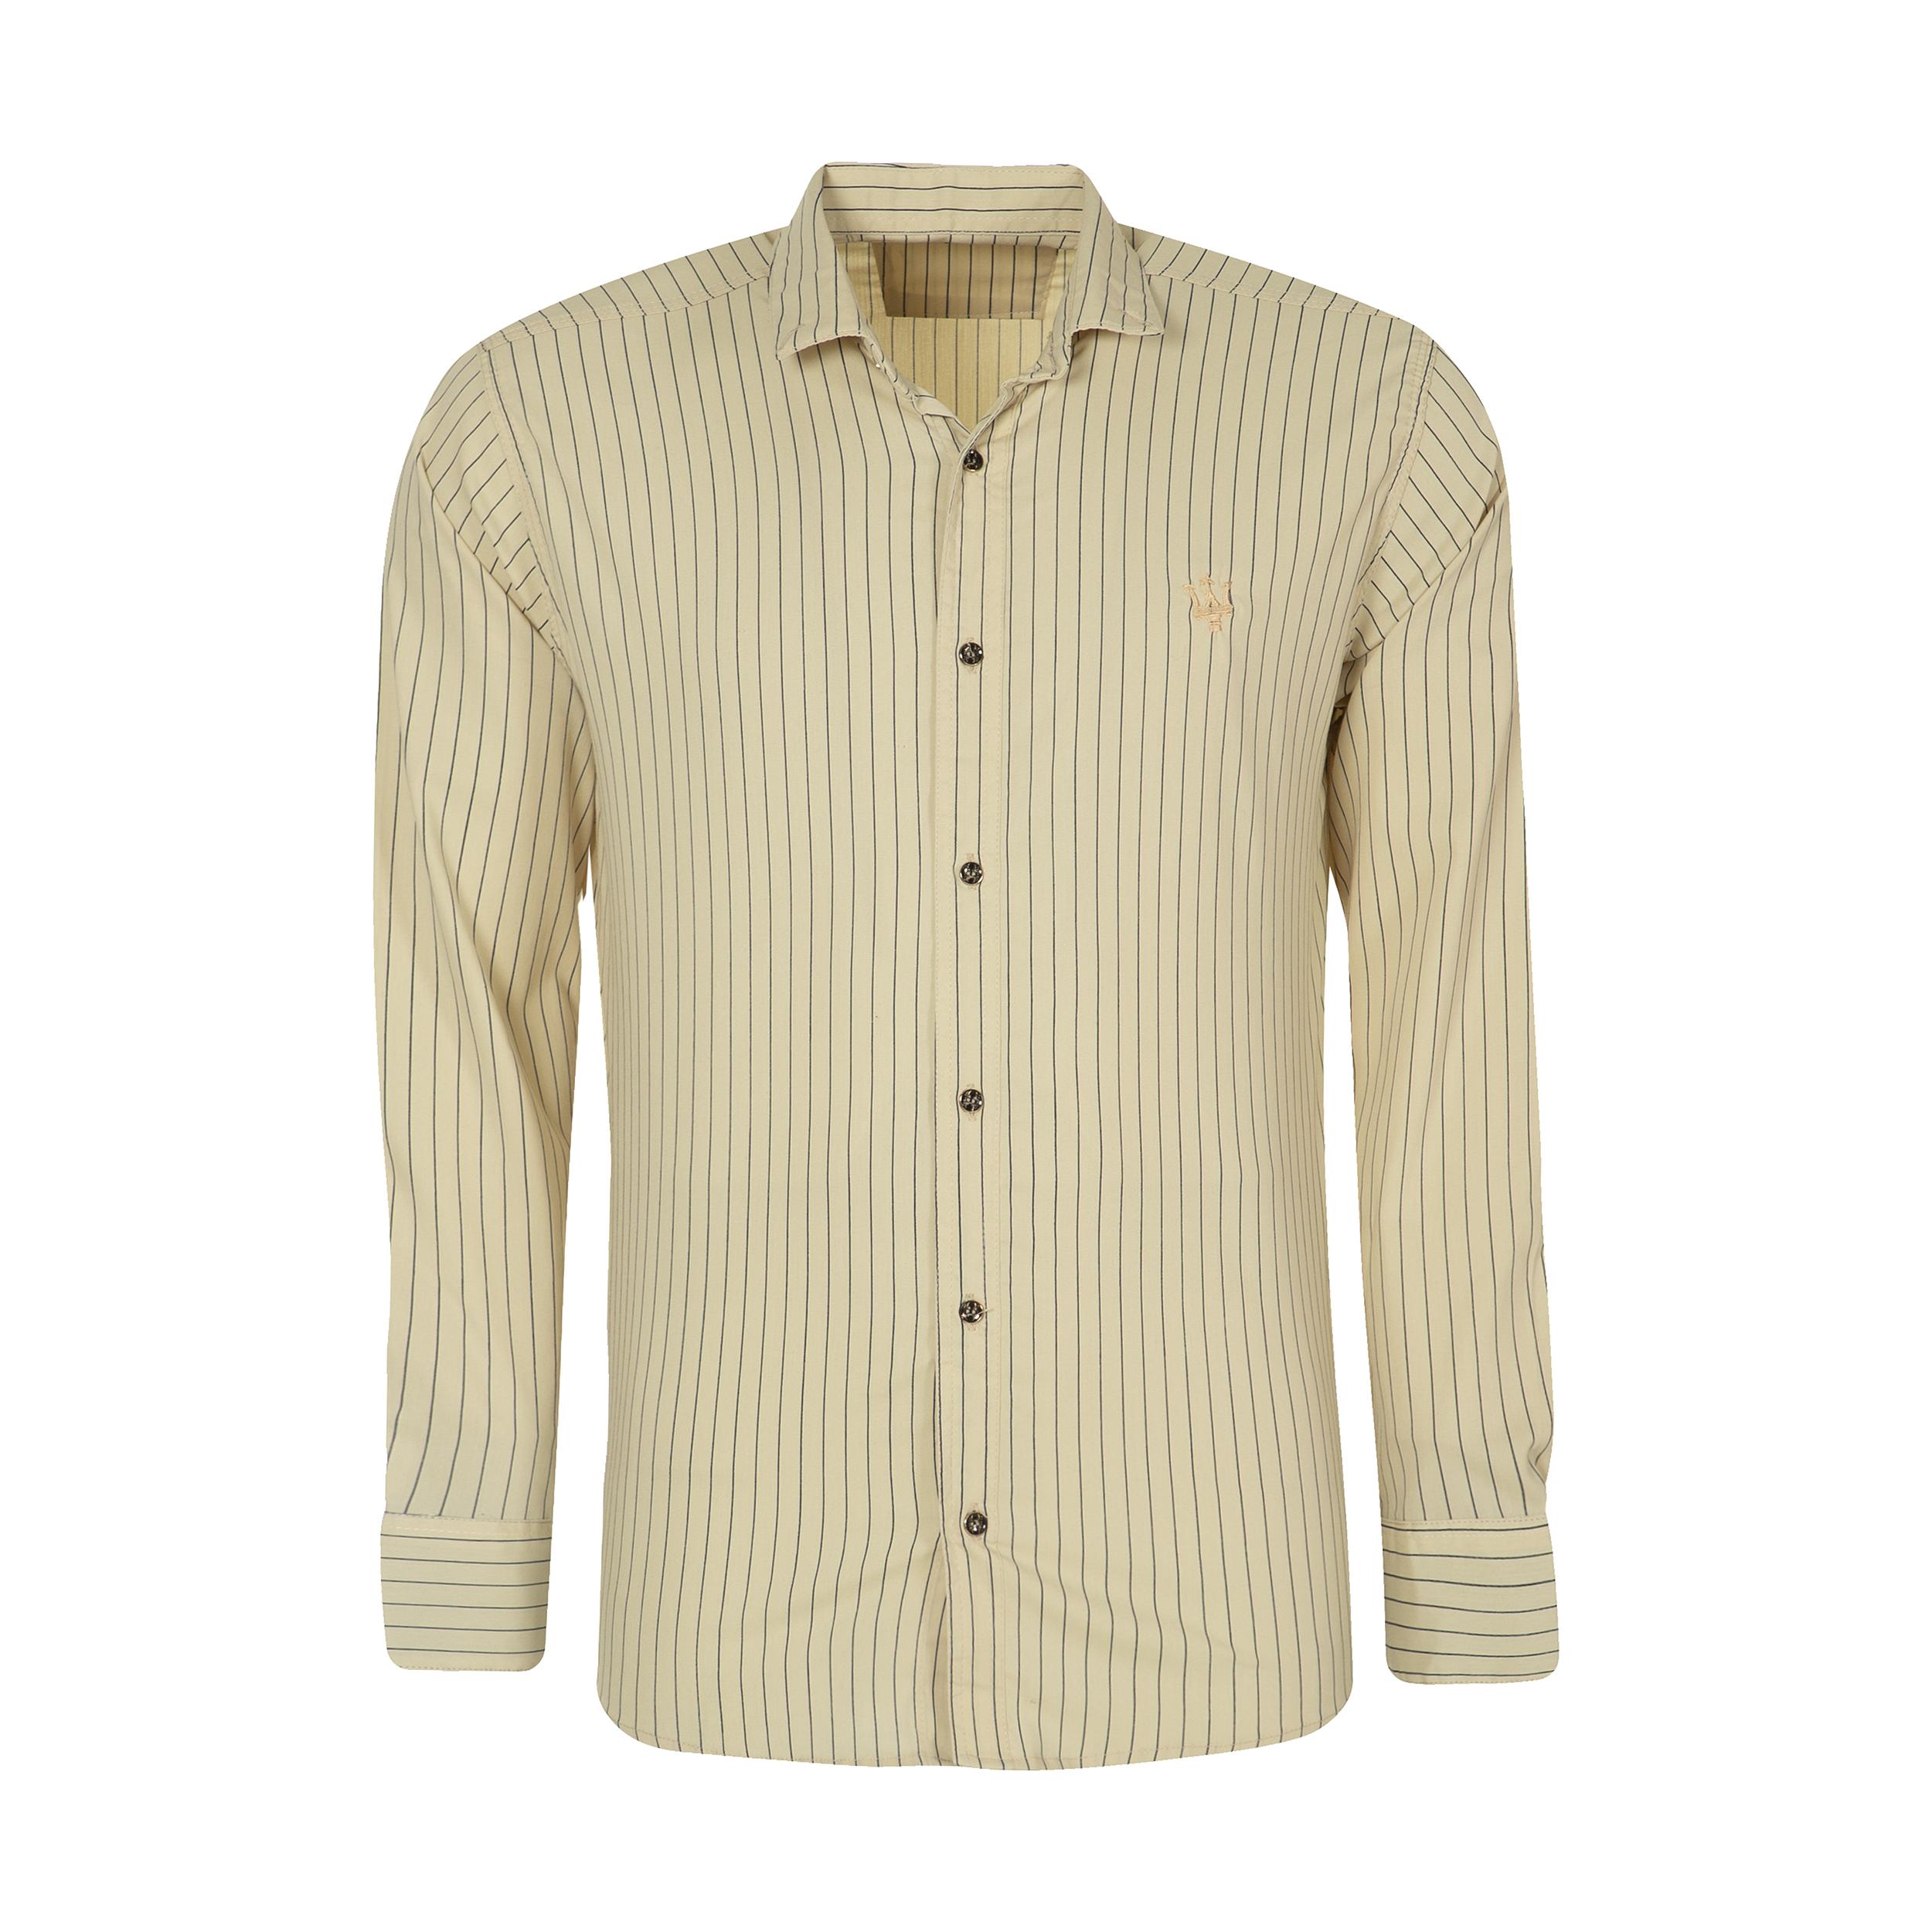 پیراهن آستین بلند مردانه کد PVLF DIP K 9905 رنگ کرم